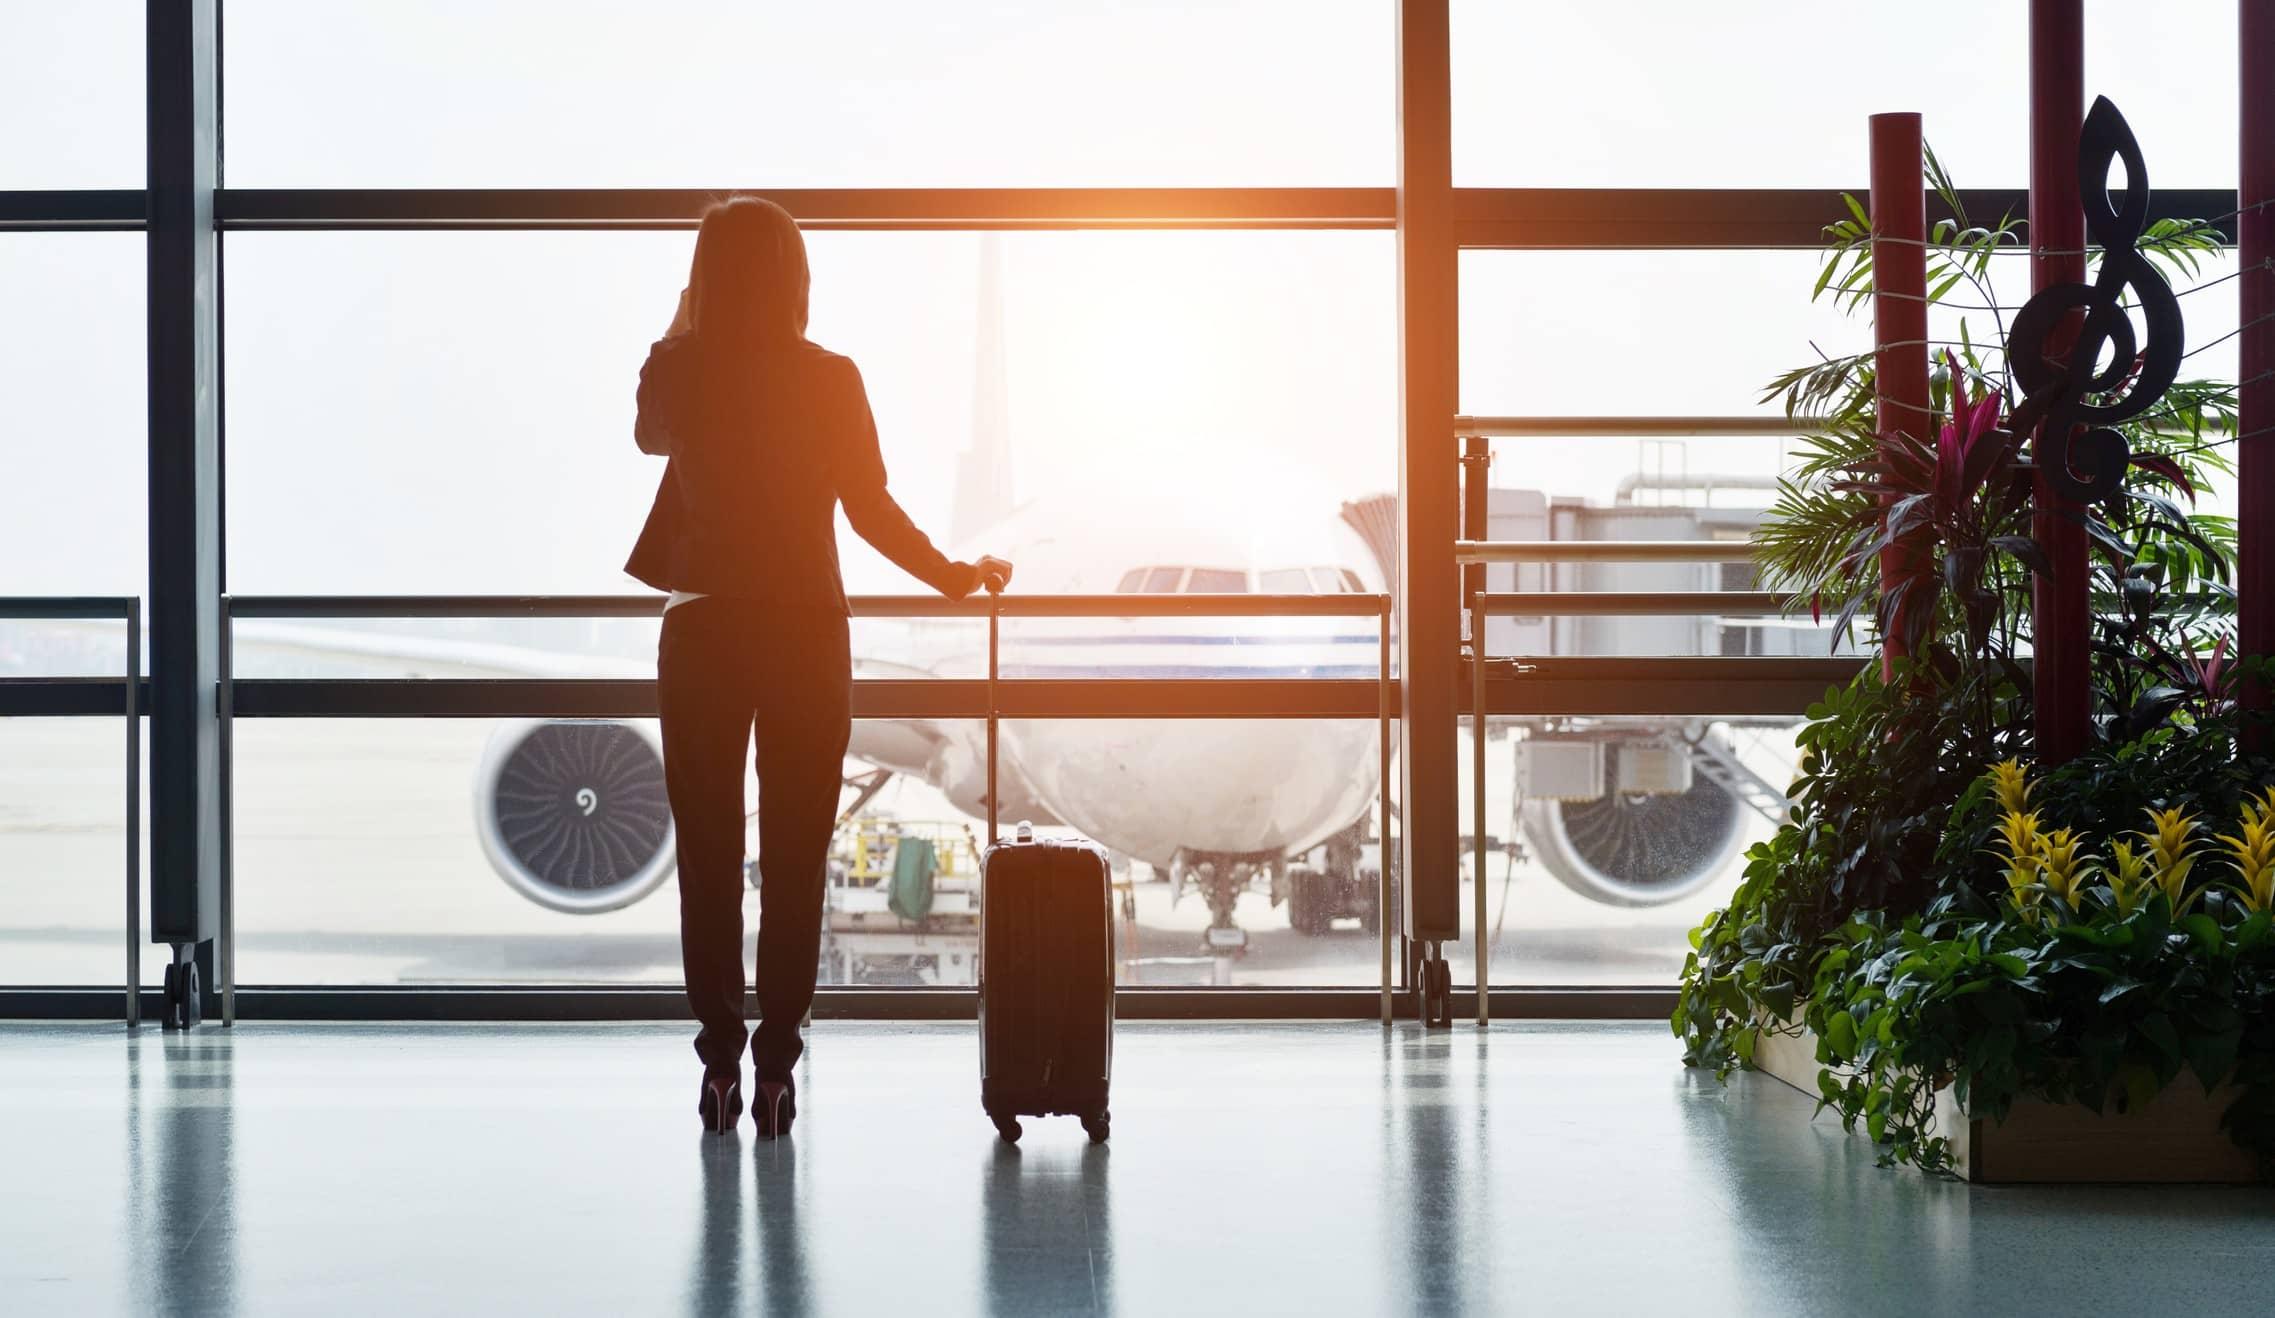 Self-compliance: o que é e como aplicar em viagens corporativas?